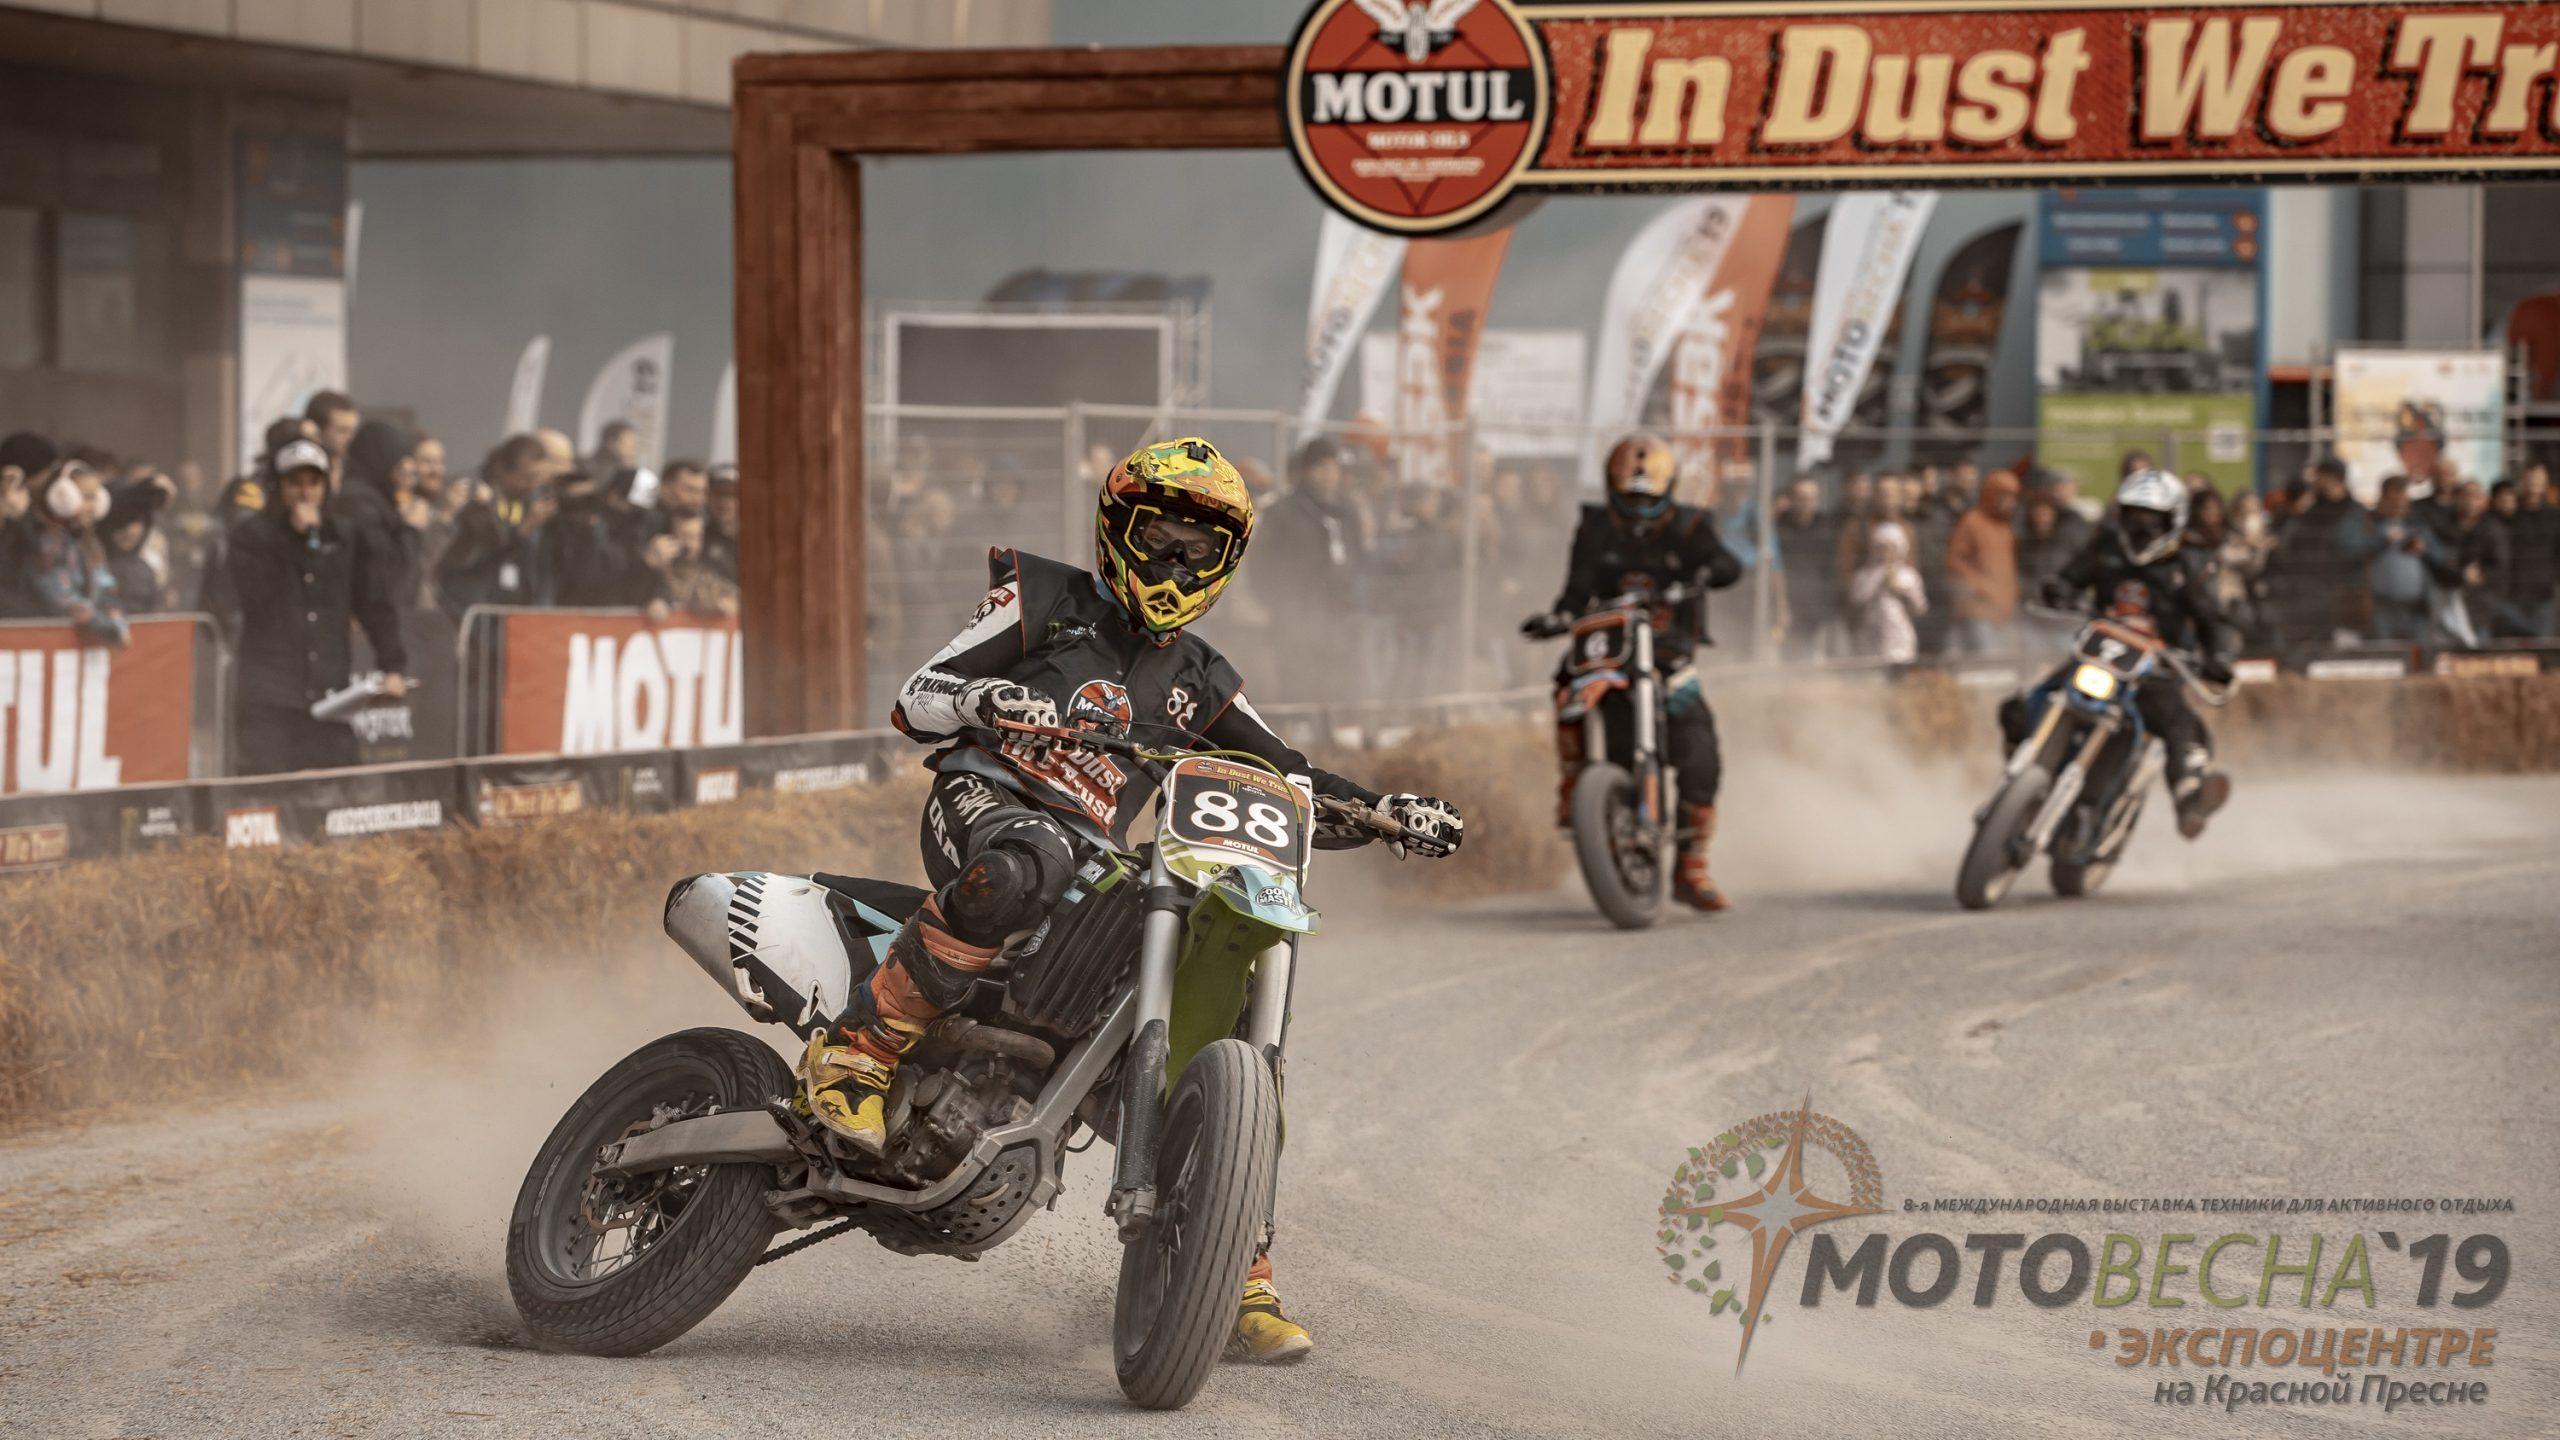 Motul In Dust We Trust,